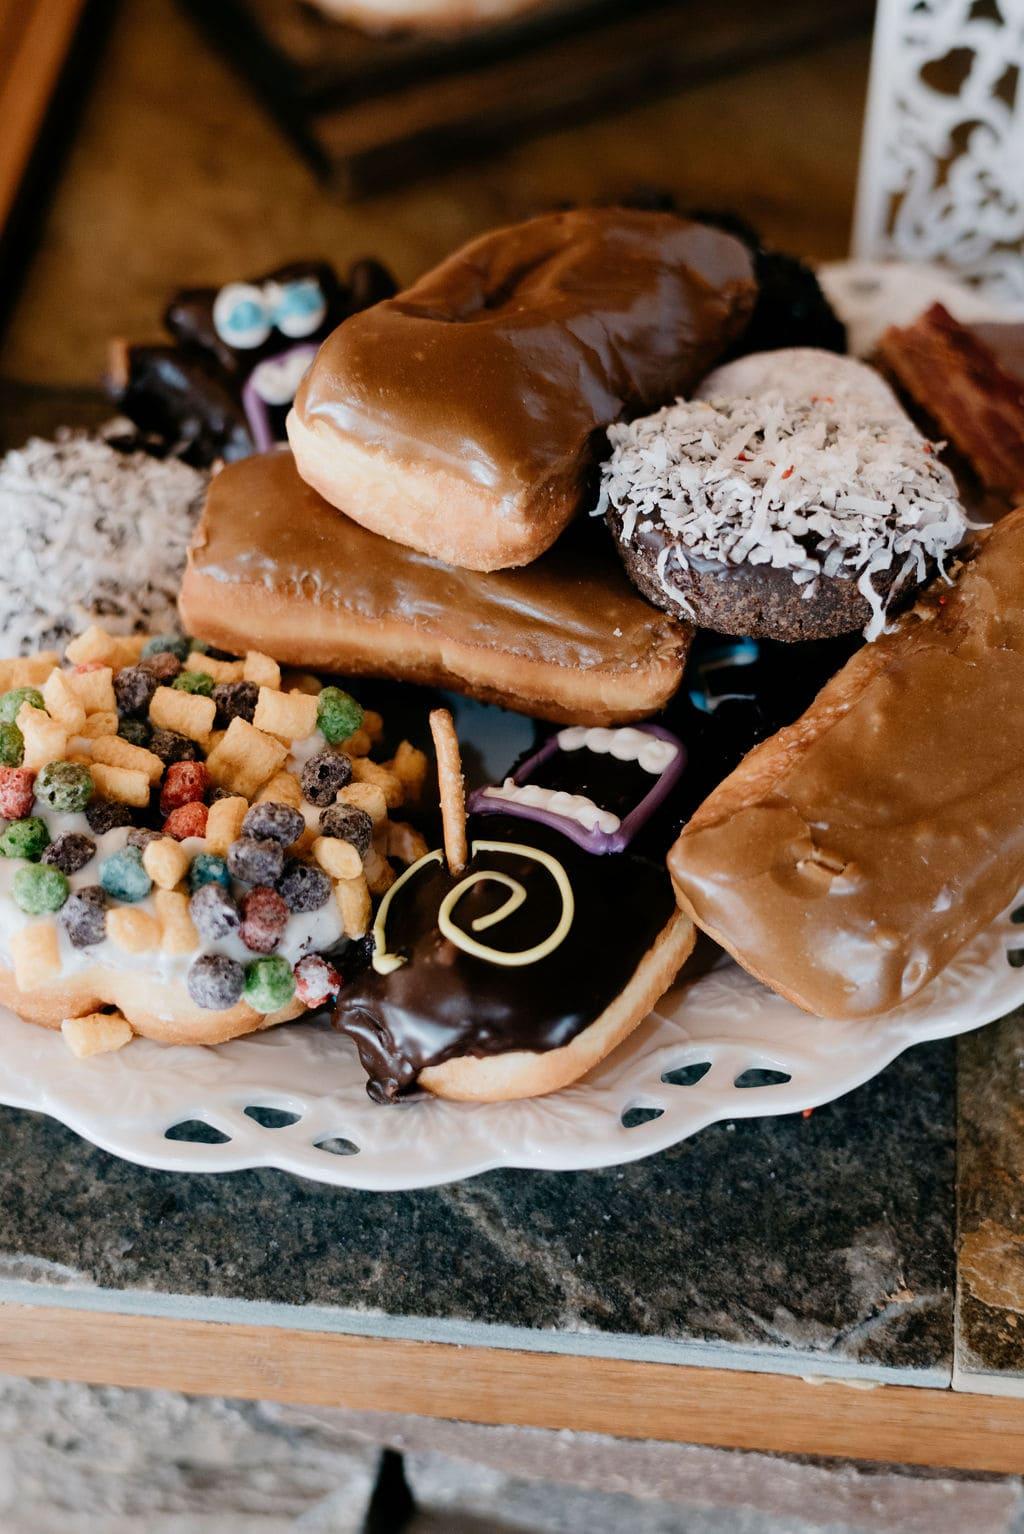 Donuts as desert for wedding